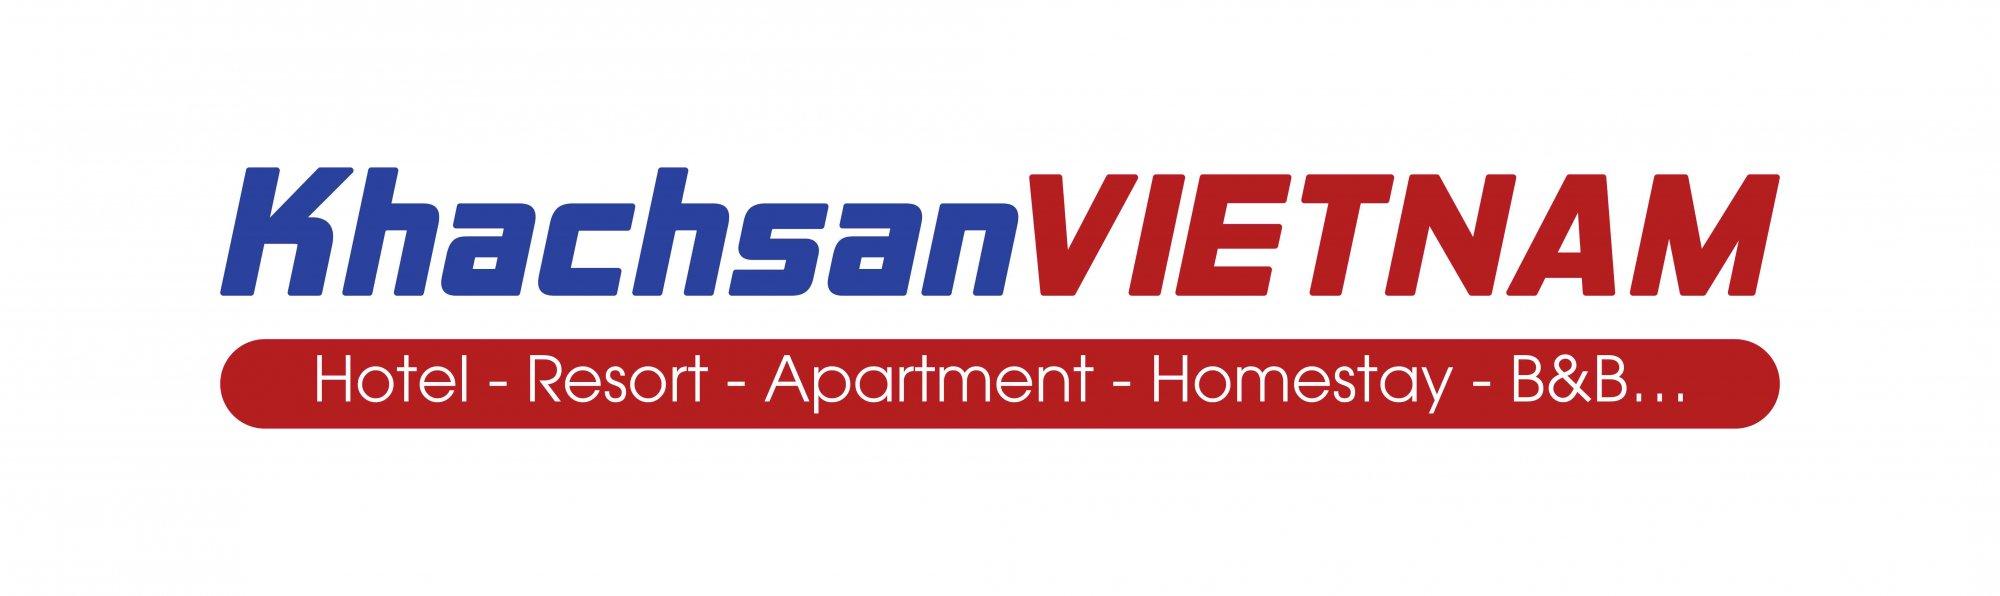 Khách sạn: Tạp chí, tin tức, blog, cẩm nang, kinh nghiệm, sổ tay về khách sạn Việt Nam & Thế giới